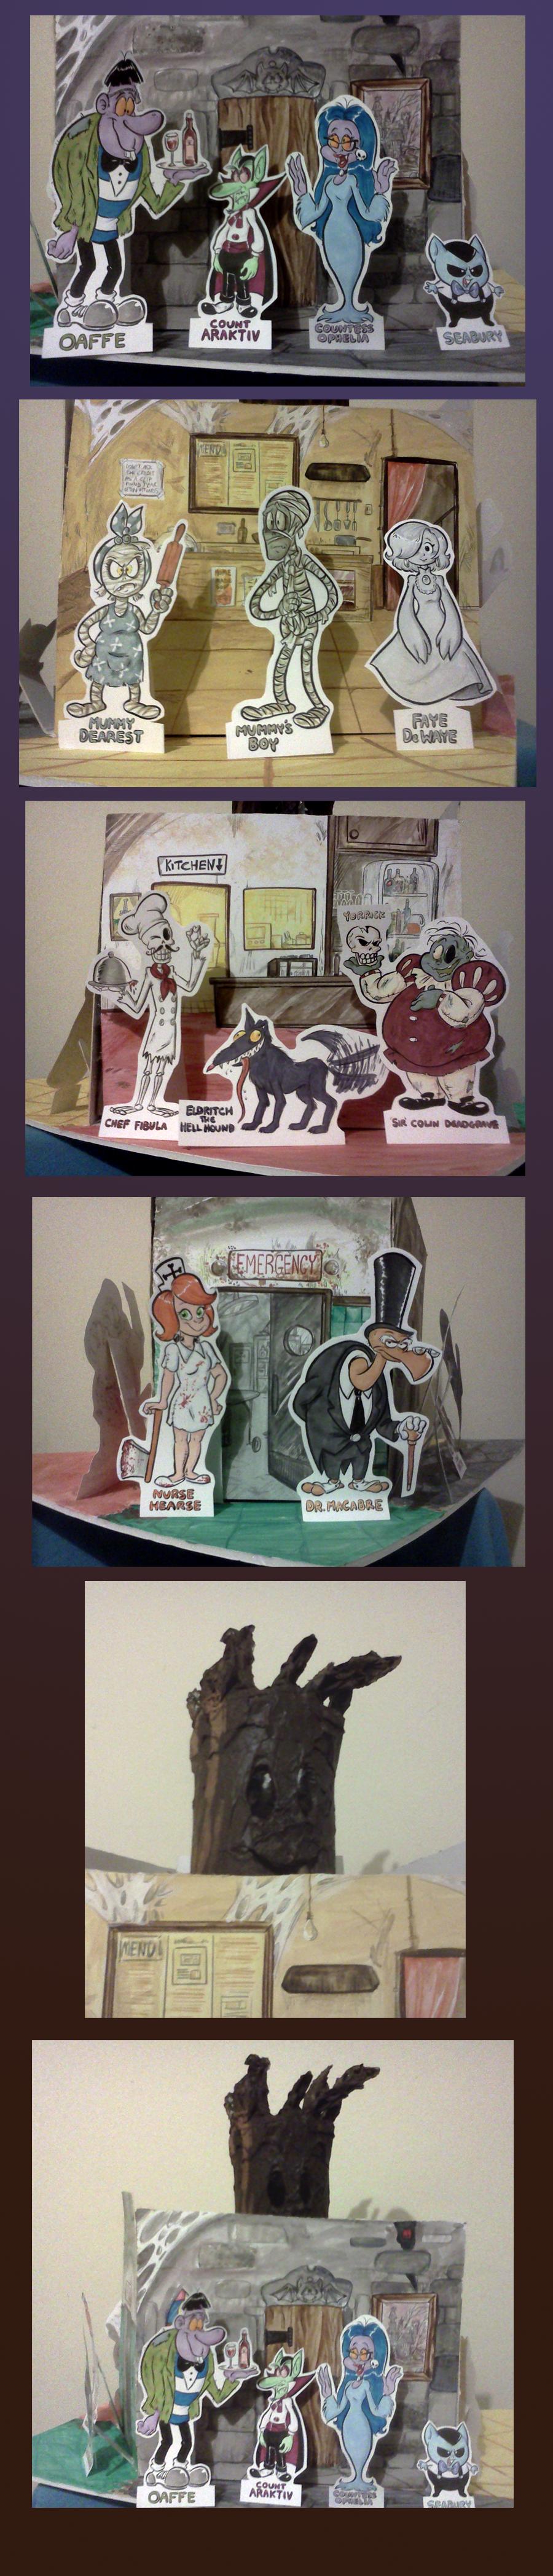 Creepbury Close Diorama by TopperHay